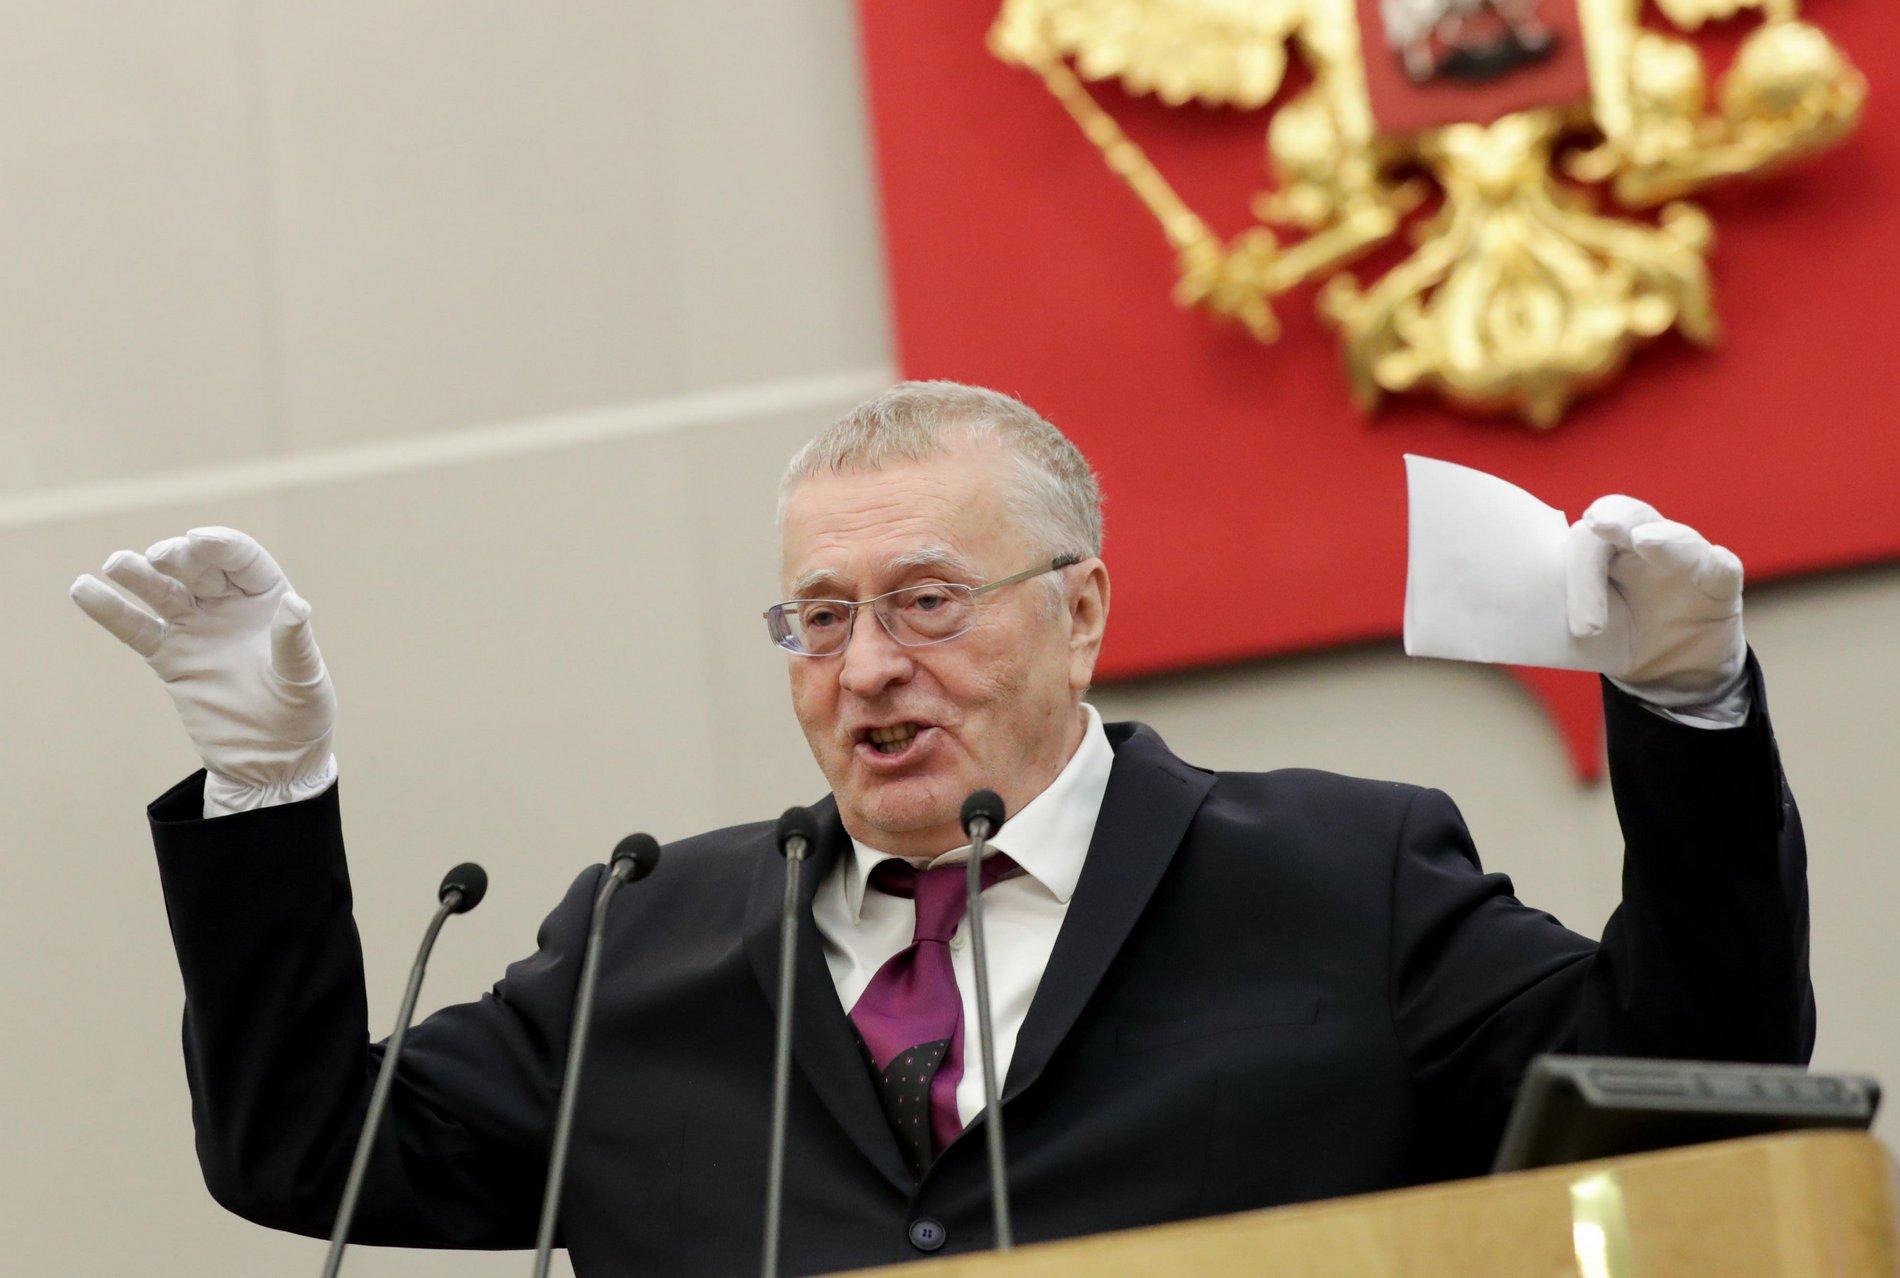 Жириновский полностью осознал опасность китайского коронавируса